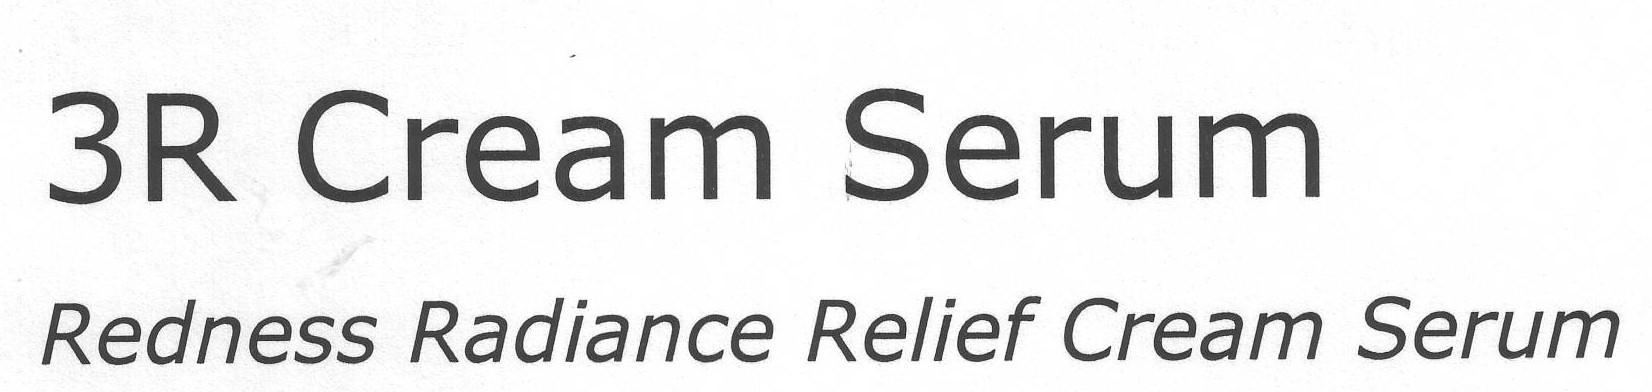 3R Cream Serum Redness Radiance Relief Cream Serum